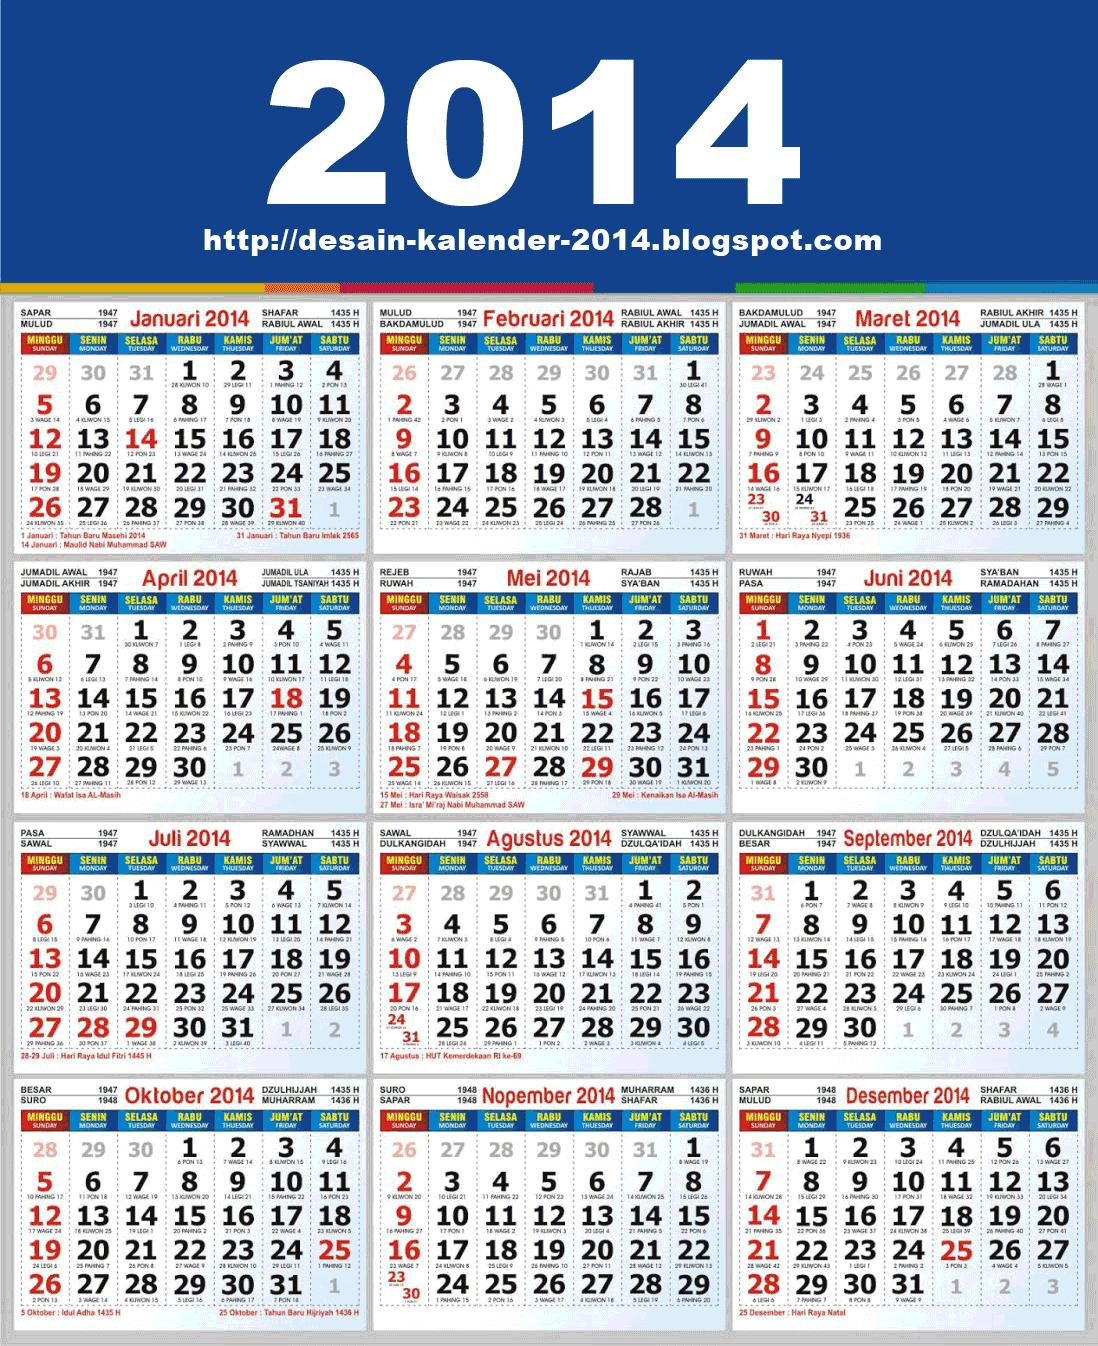 Desain Kalender 2014